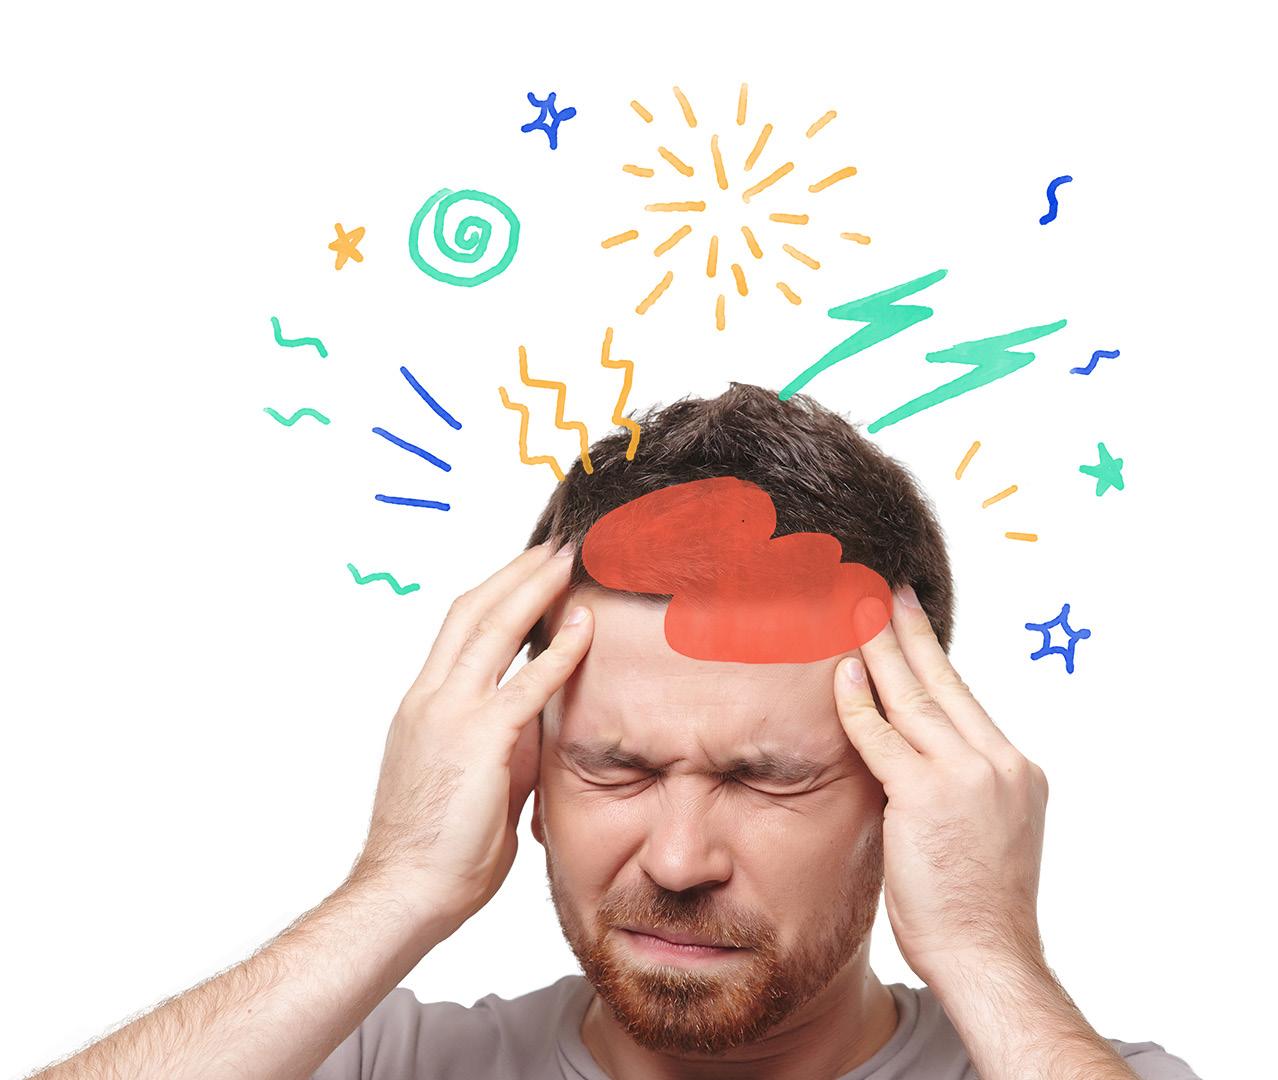 頭痛 体操 偏